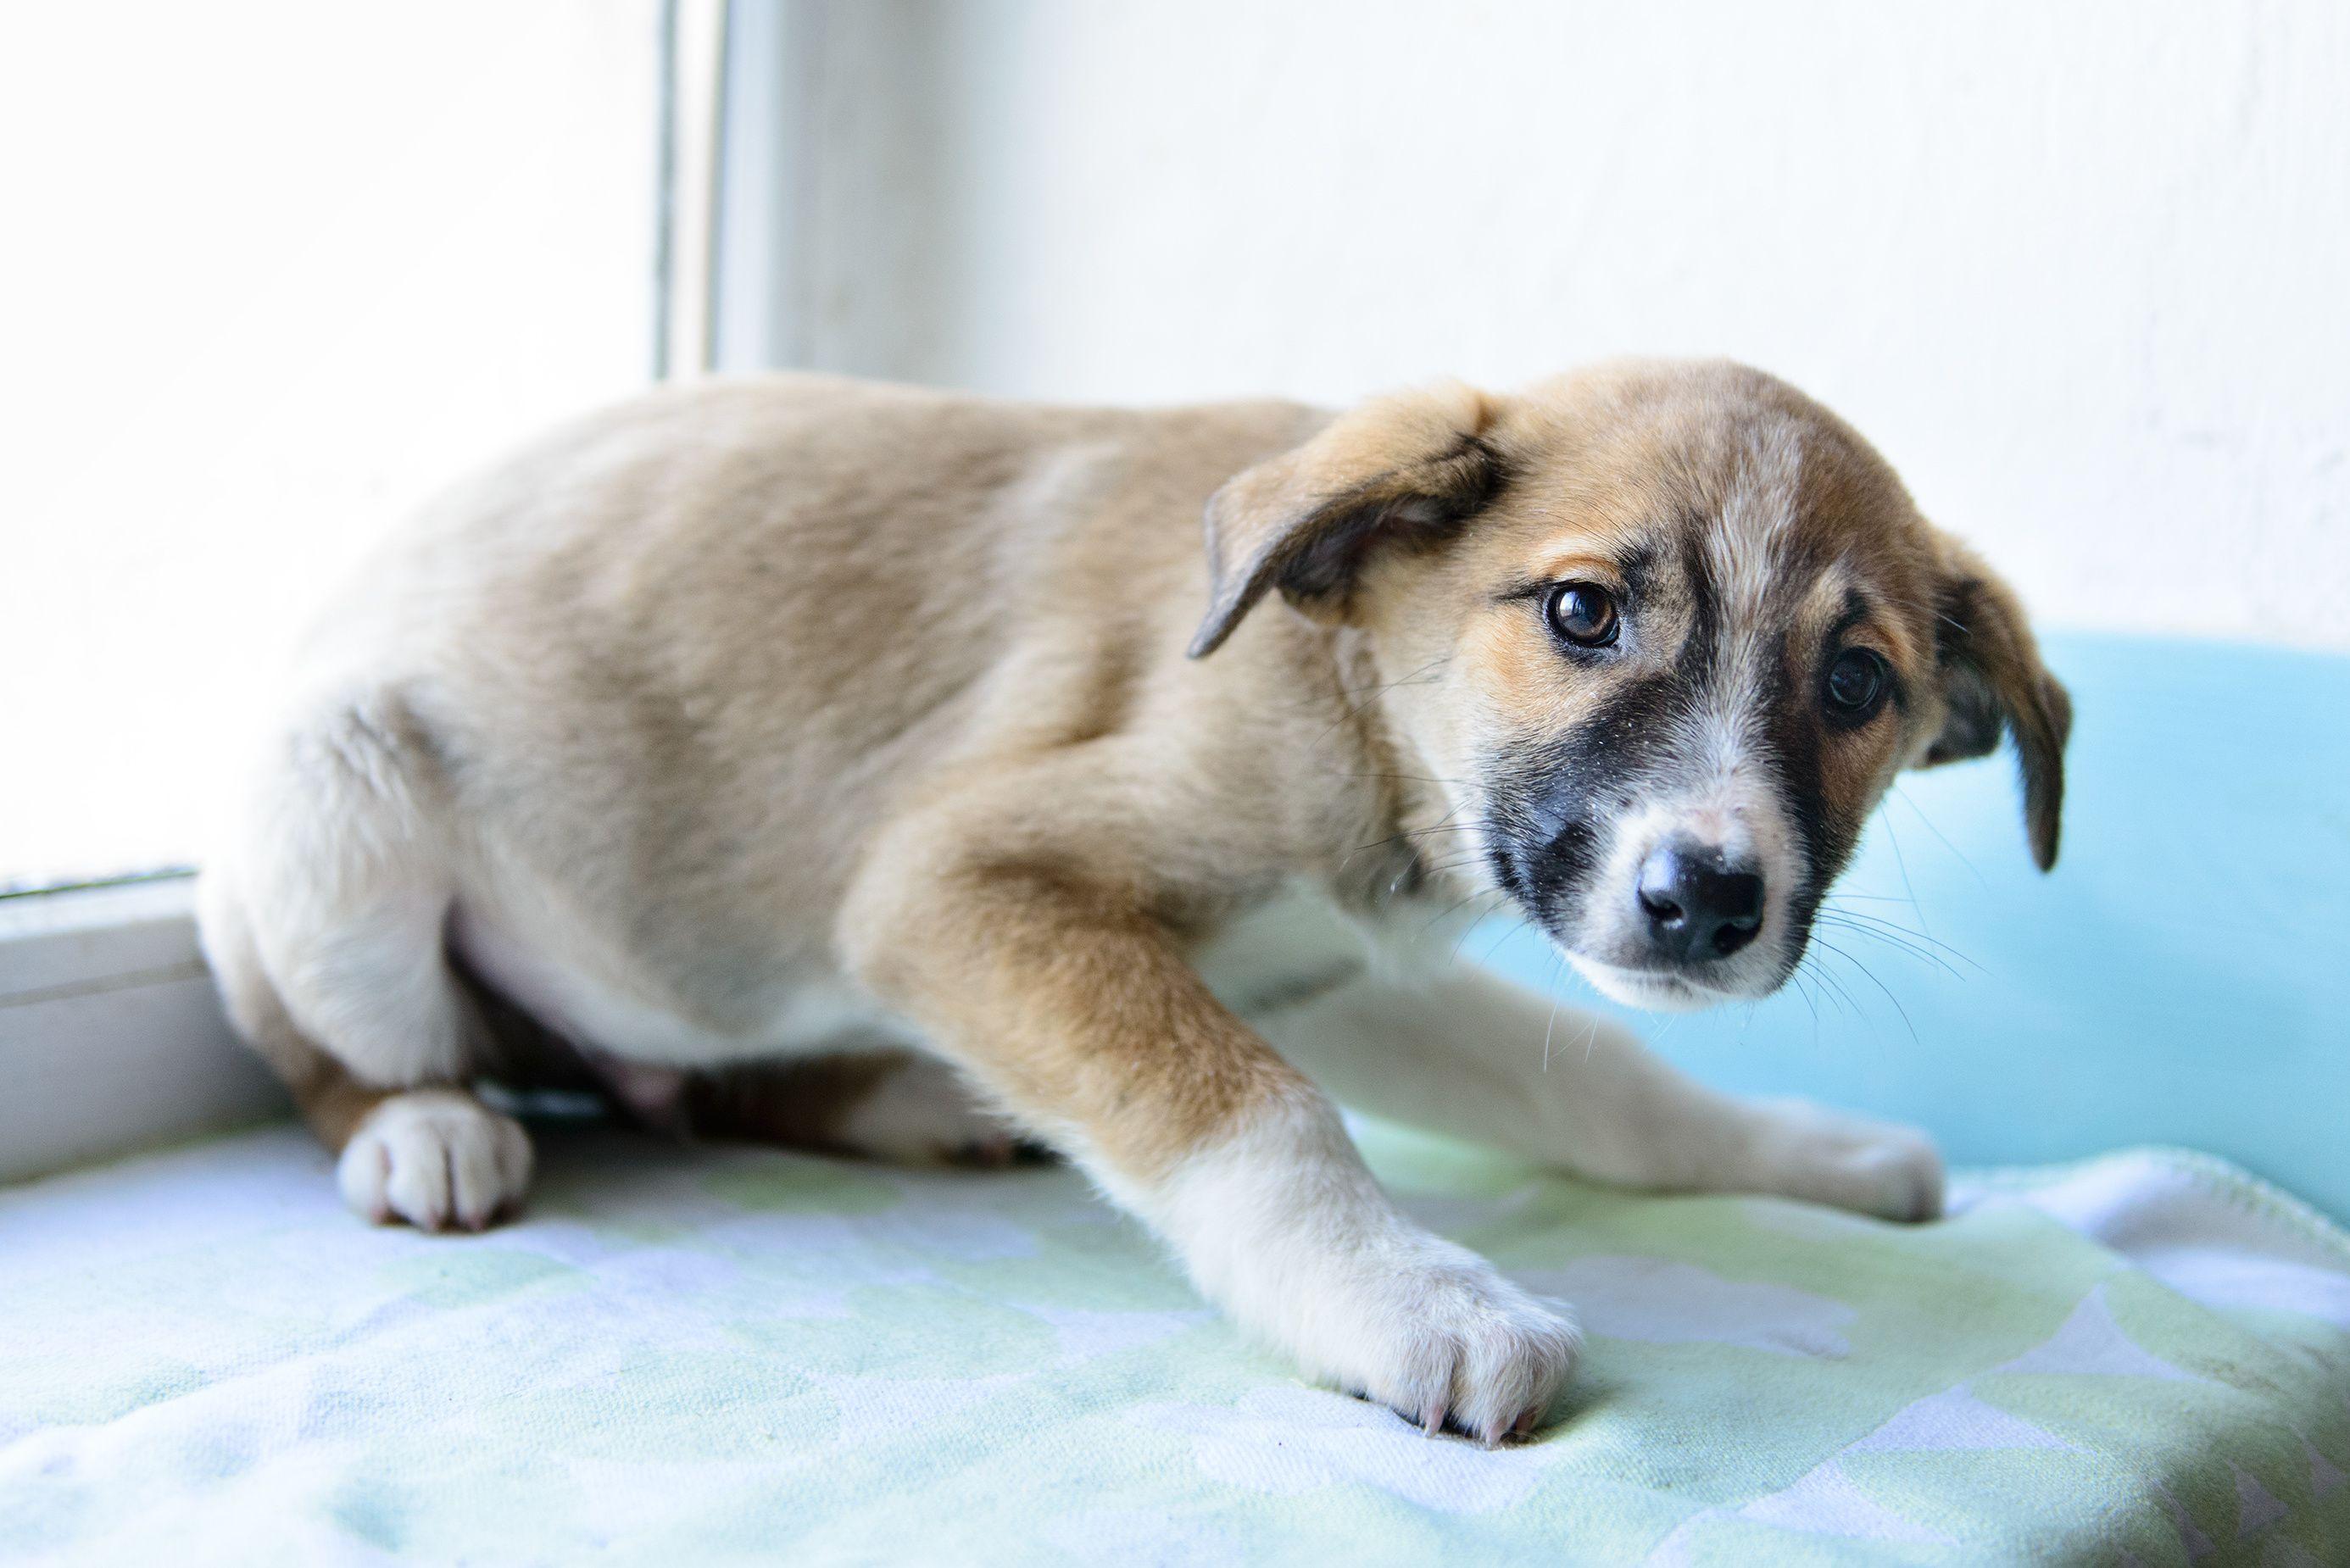 Medo é um sentimento comum entre os cães, mas é importante identificar as causas para ajudar o seu pet a enfrentar o problema!